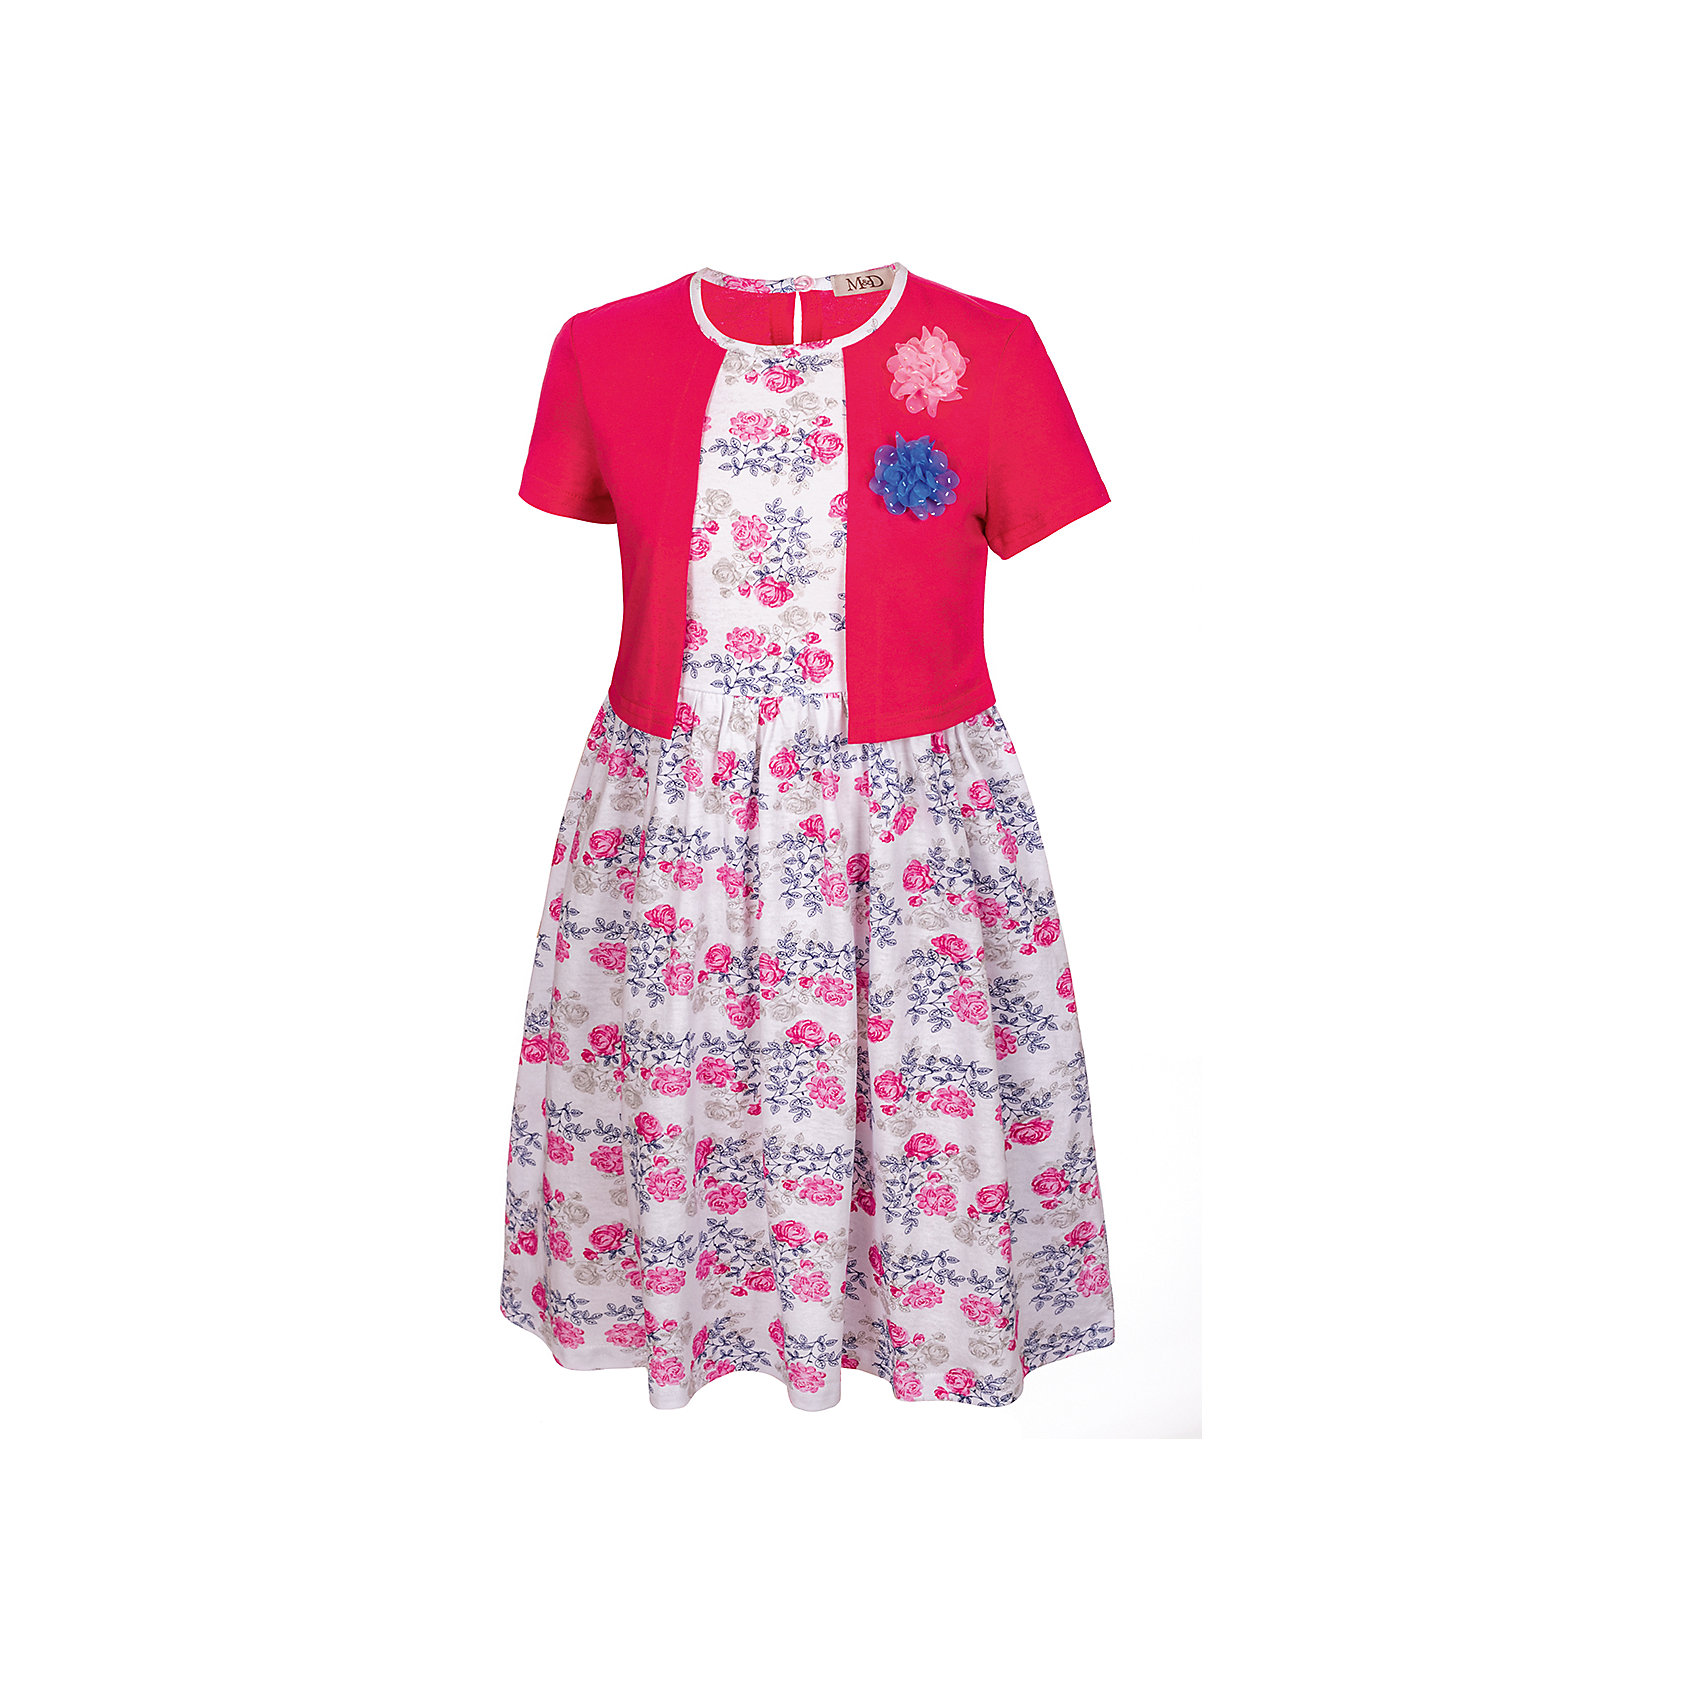 Платье M&amp;D для девочкиПлатья и сарафаны<br>Платье для девочки:<br>На полочке декоративная деталь болеро.<br>Короткий рукав,застежка на пуговицы.<br>-соответствует размеру.<br>Рекомендуется предварительная стирка.<br><br><br>Состав:<br>100% хлопок<br><br>Ширина мм: 236<br>Глубина мм: 16<br>Высота мм: 184<br>Вес г: 177<br>Цвет: фуксия<br>Возраст от месяцев: 84<br>Возраст до месяцев: 96<br>Пол: Женский<br>Возраст: Детский<br>Размер: 128,122,98,104,110,116<br>SKU: 7012501